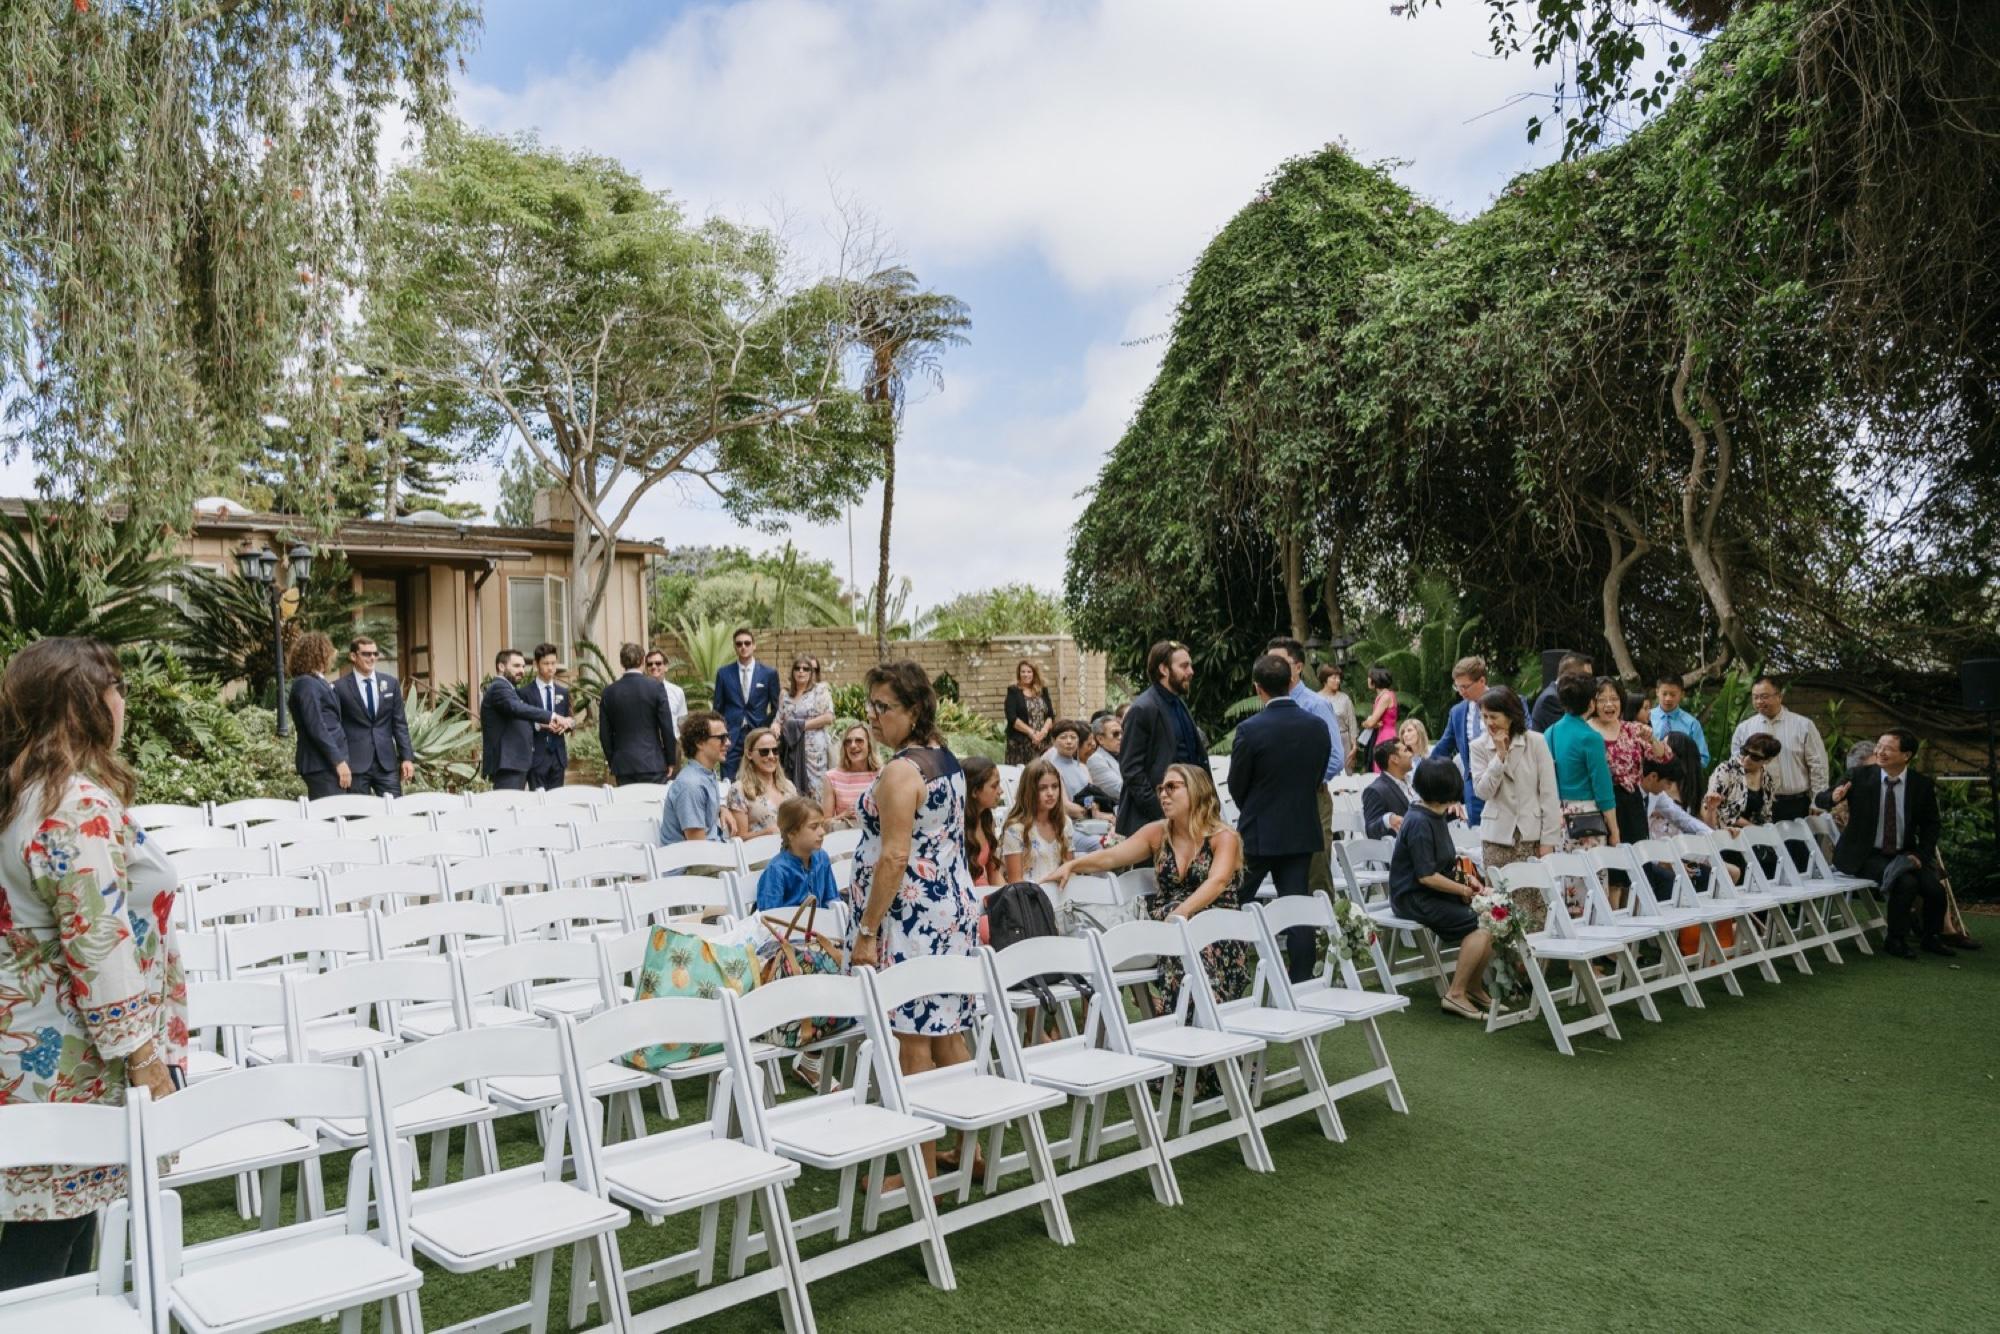 018_Shawna and Steve's Wedding-104.jpg